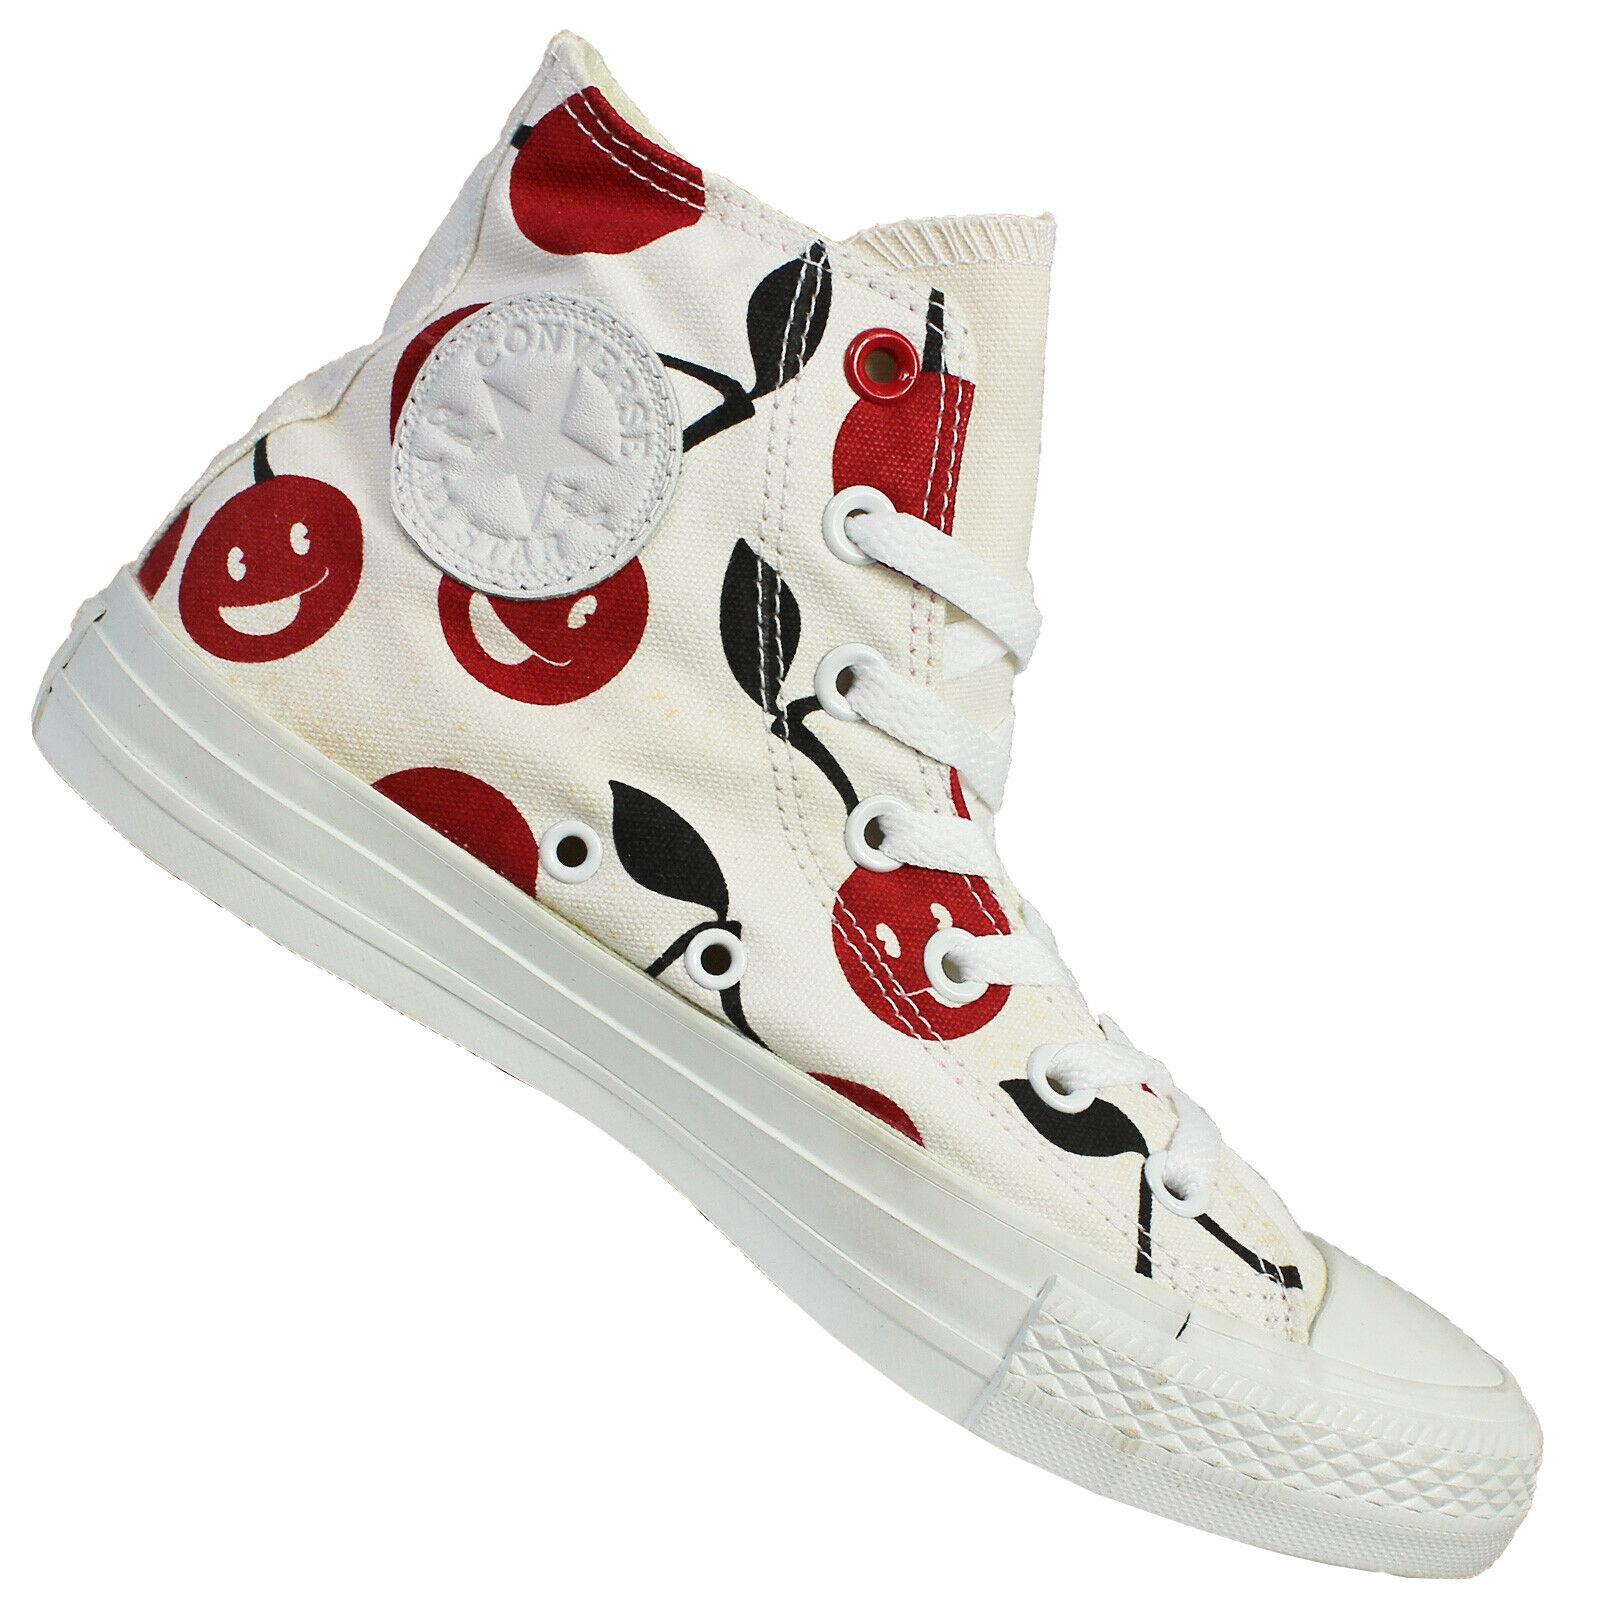 Conversare  Chuck Taylor tutto Star Hi 54790C Trainers Chucks Cherry bianca  ordina ora i prezzi più bassi